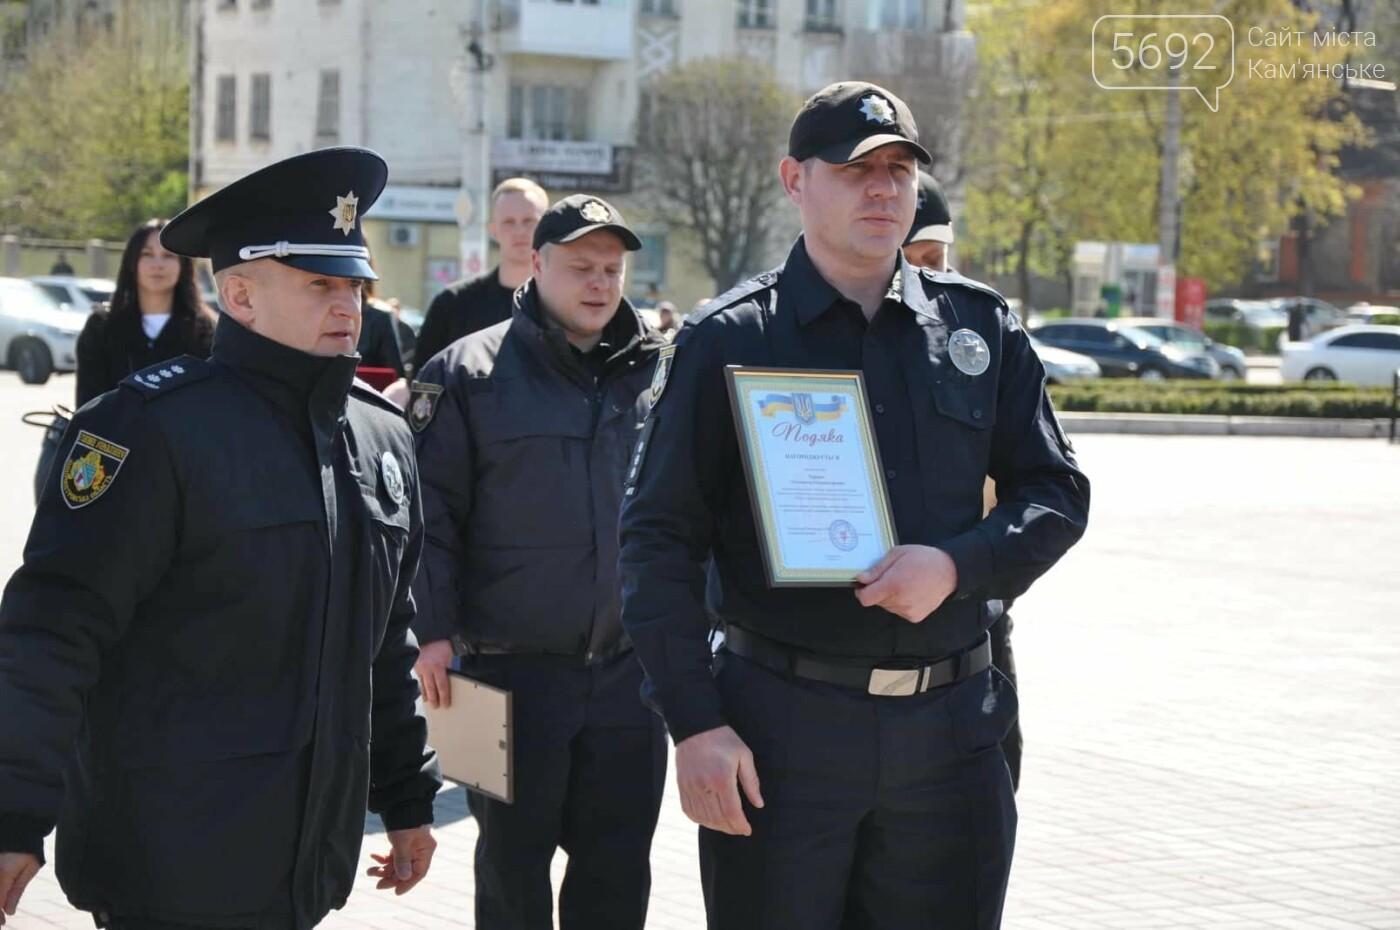 В Каменском наградили полицейских, задержавших опасного преступника, фото-3